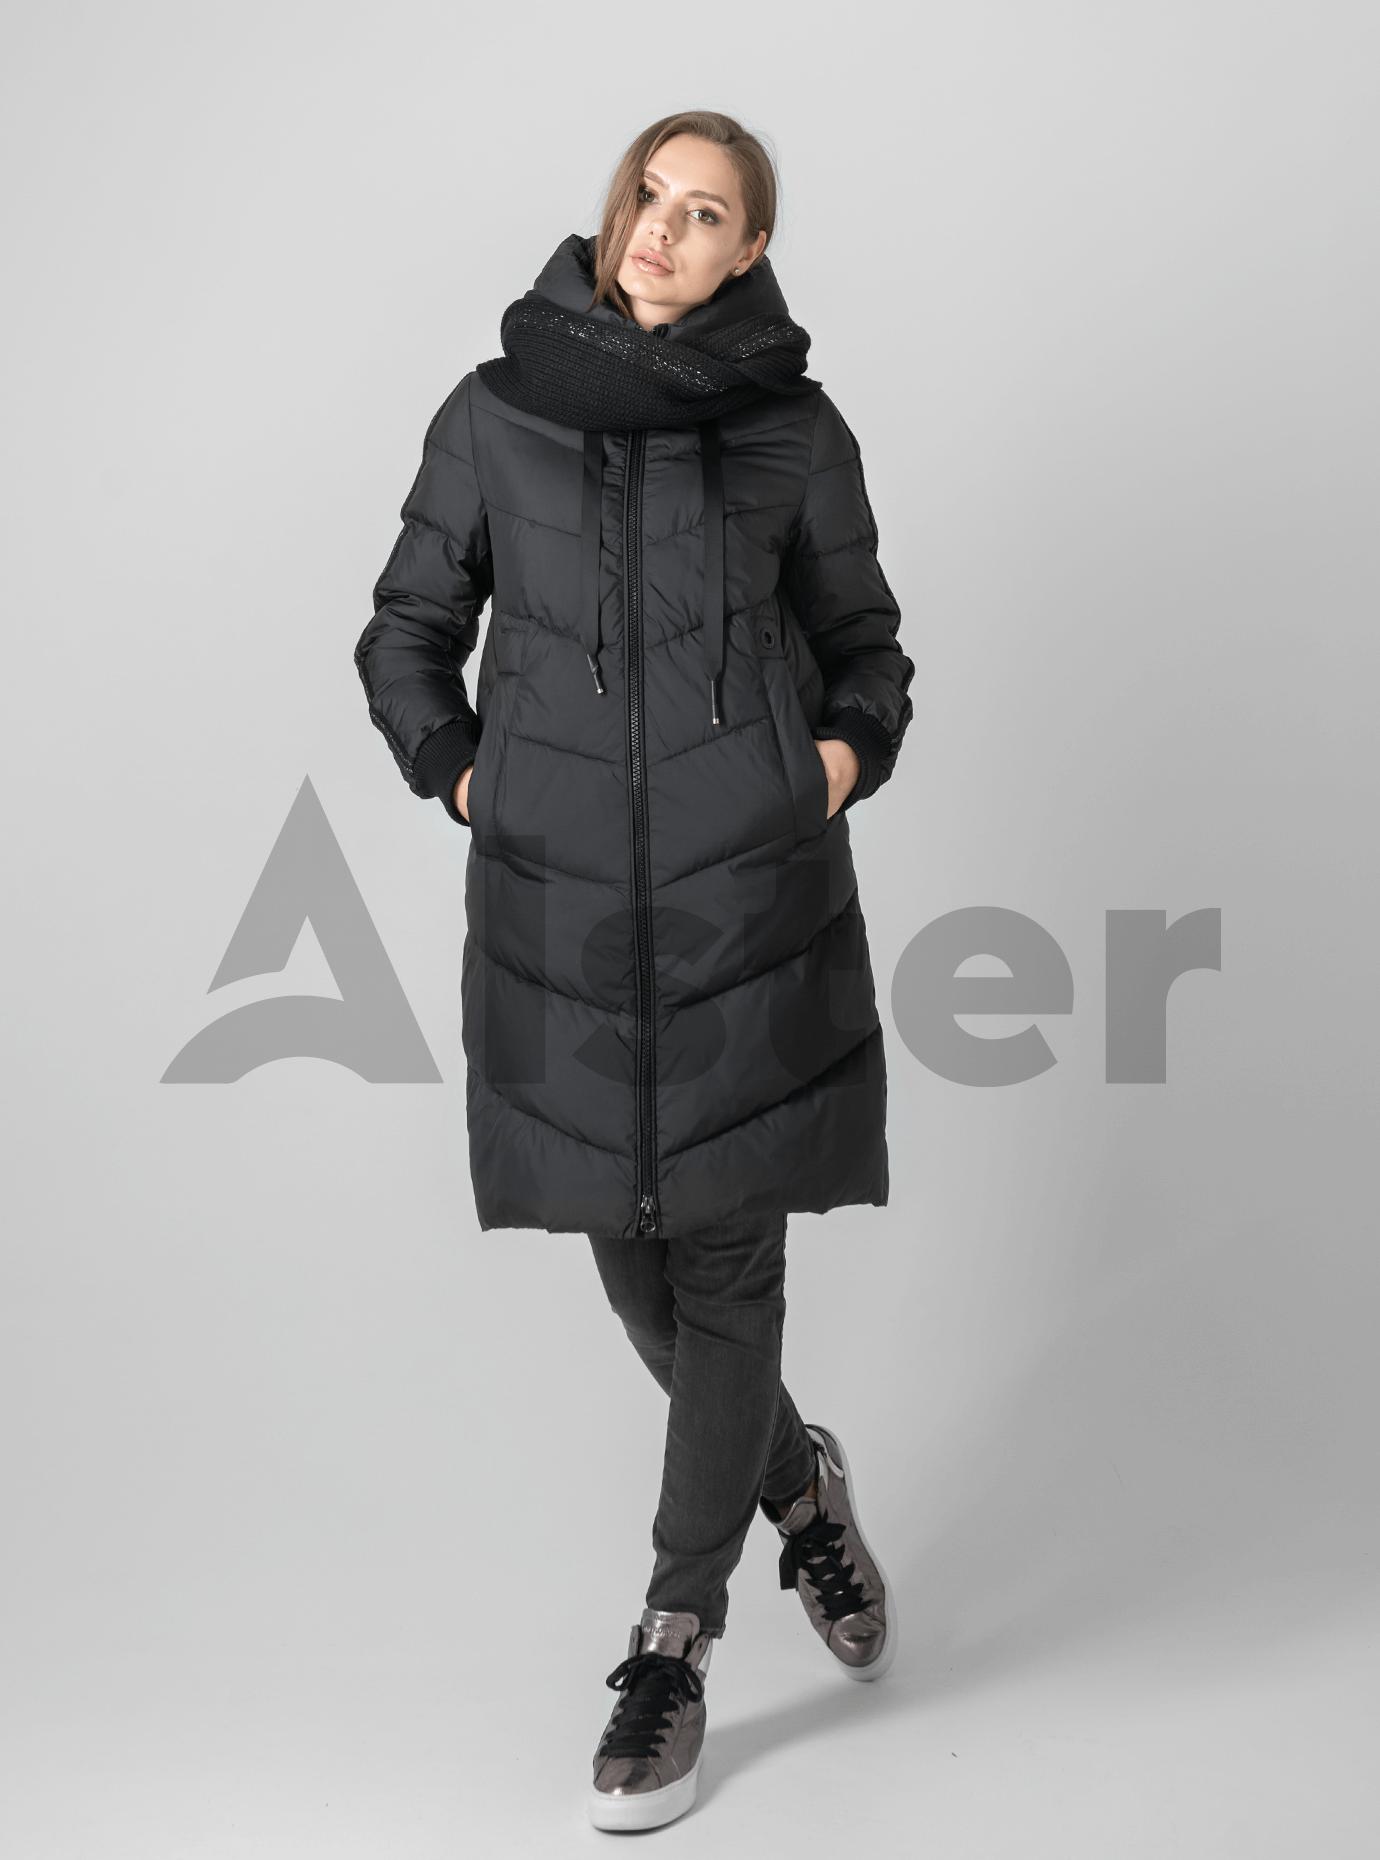 Пуховик женский с шарфом Чёрный S (01-9023): фото - Alster.ua